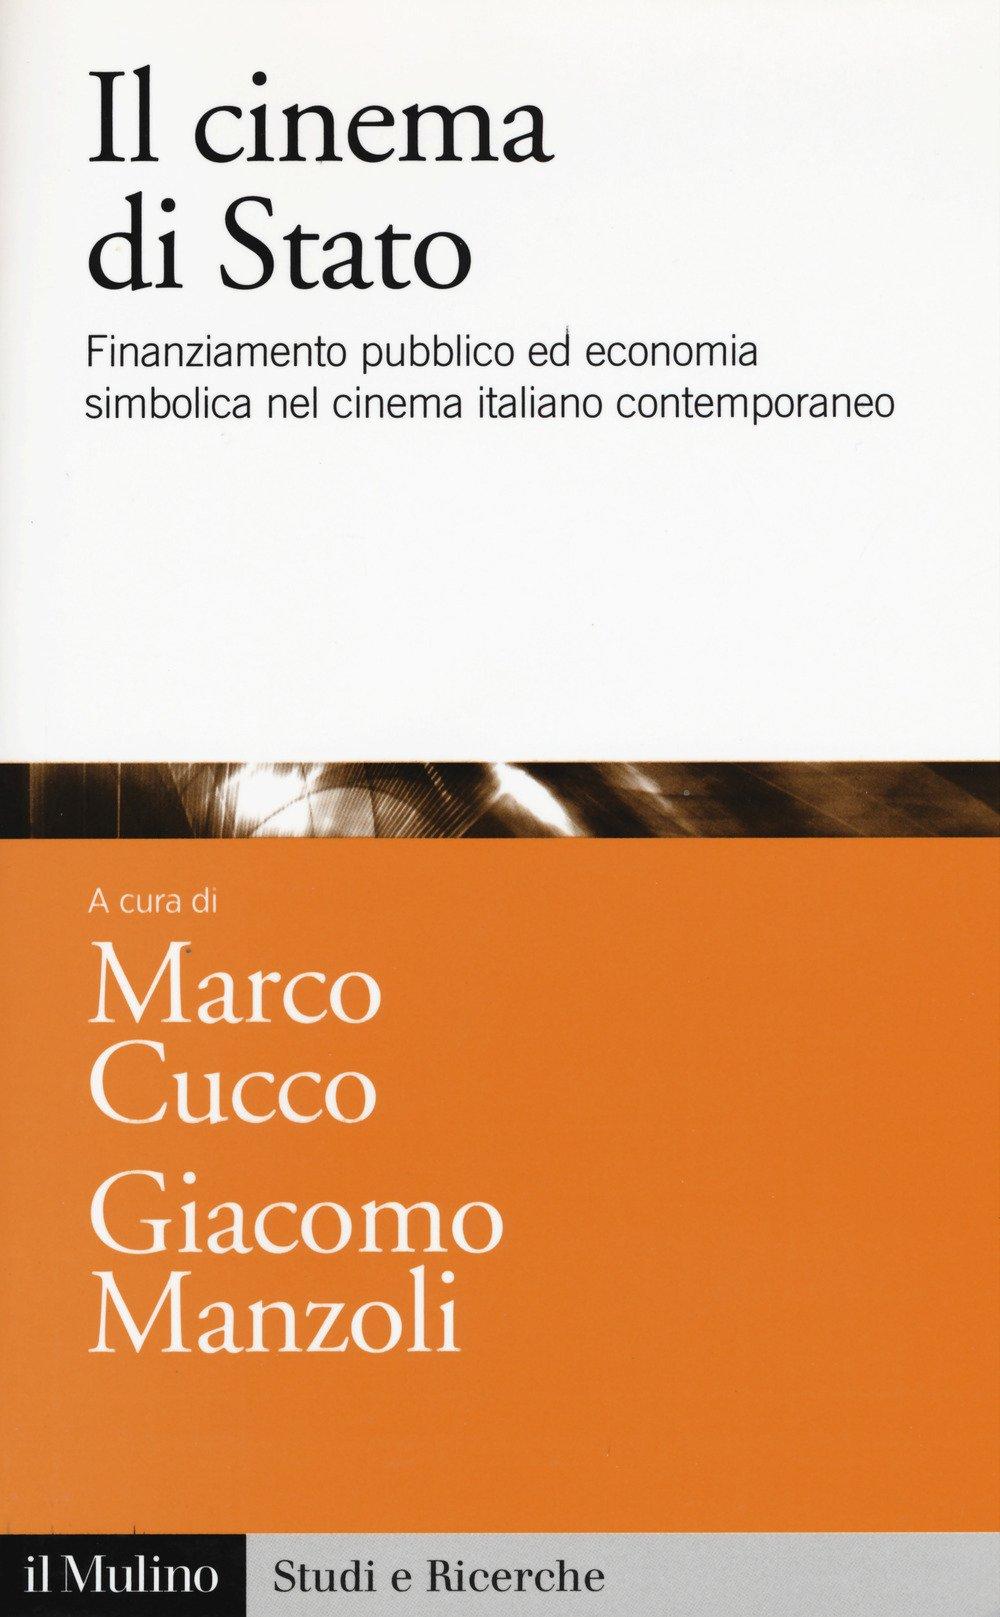 Il cinema di Stato. Finanziamento pubblico ed economia simbolica nel cinema italiano contemporaneo Copertina flessibile – 31 ago 2017 M. Cucco G. Manzoli Il Mulino 8815263500